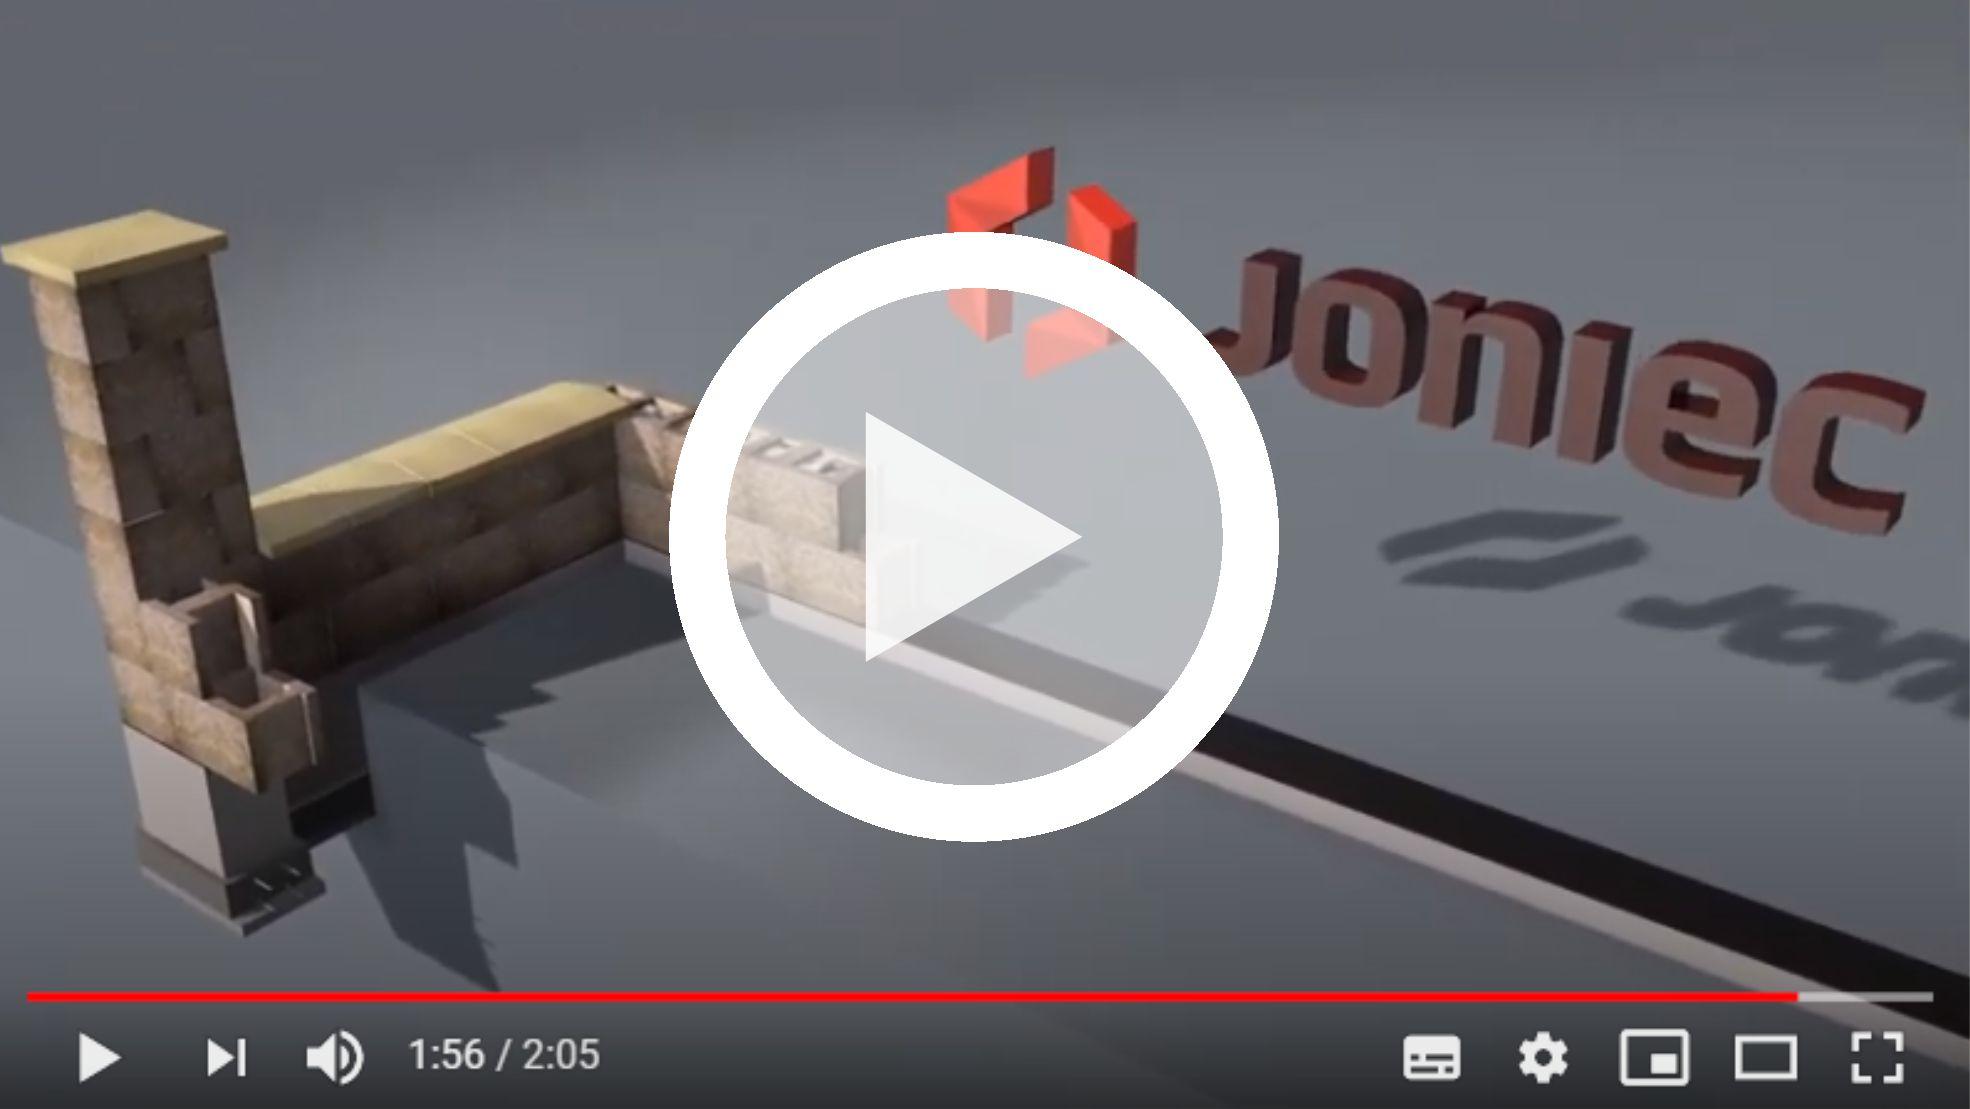 instrukcja-budowy-ogrodzenia-z-firma-joniec